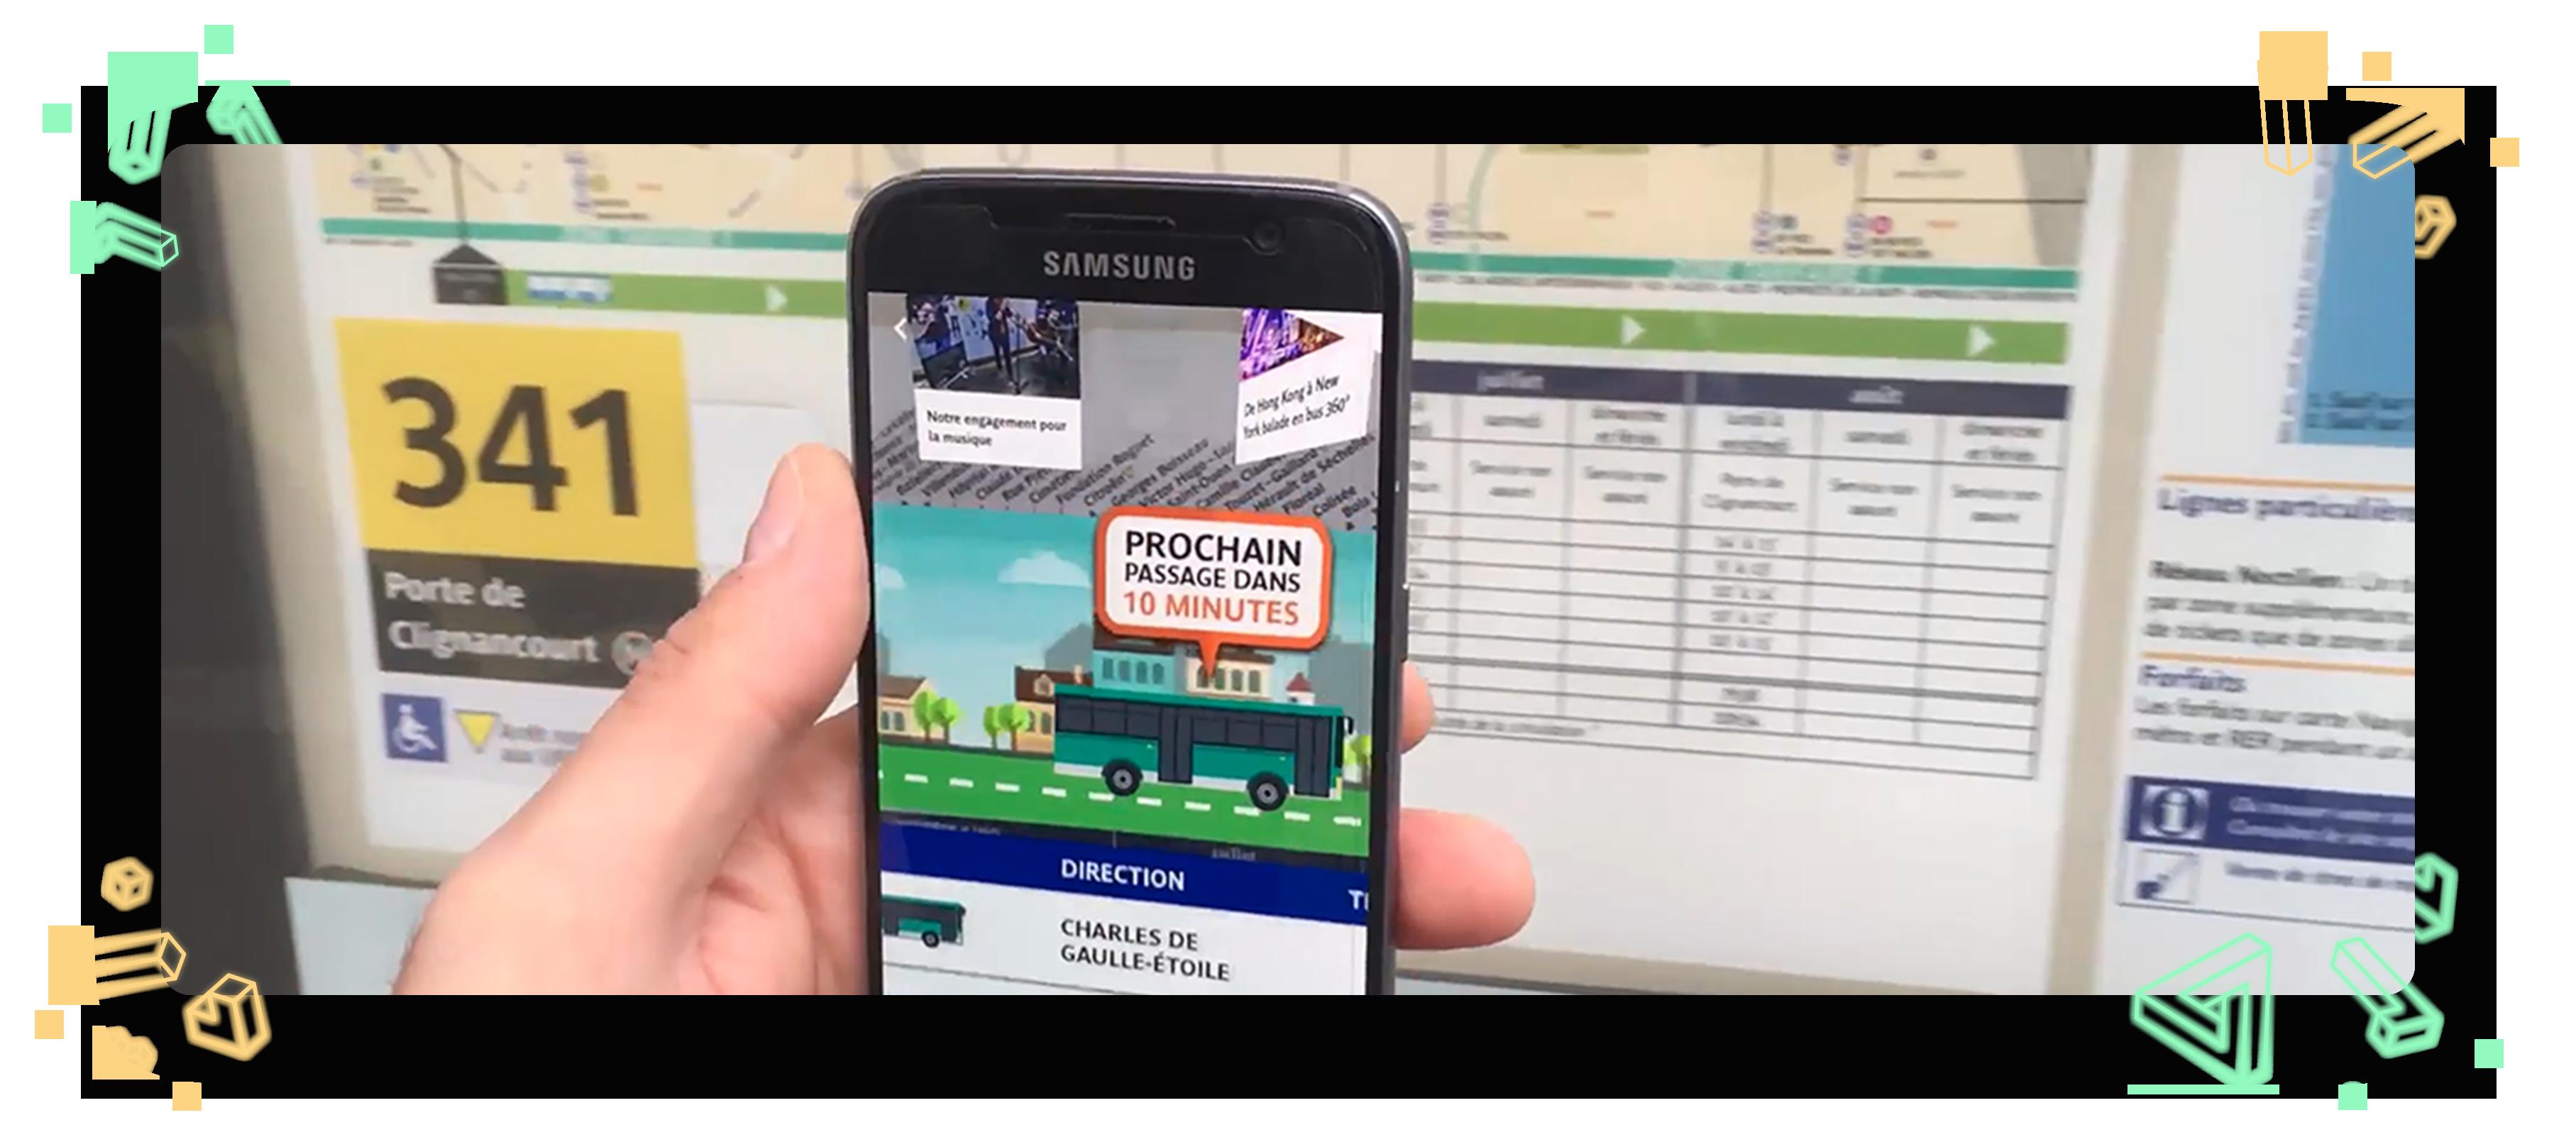 aperçu d'un écran de smartphone et d'un panneau d'itinéraire de bus RATP ligne 341